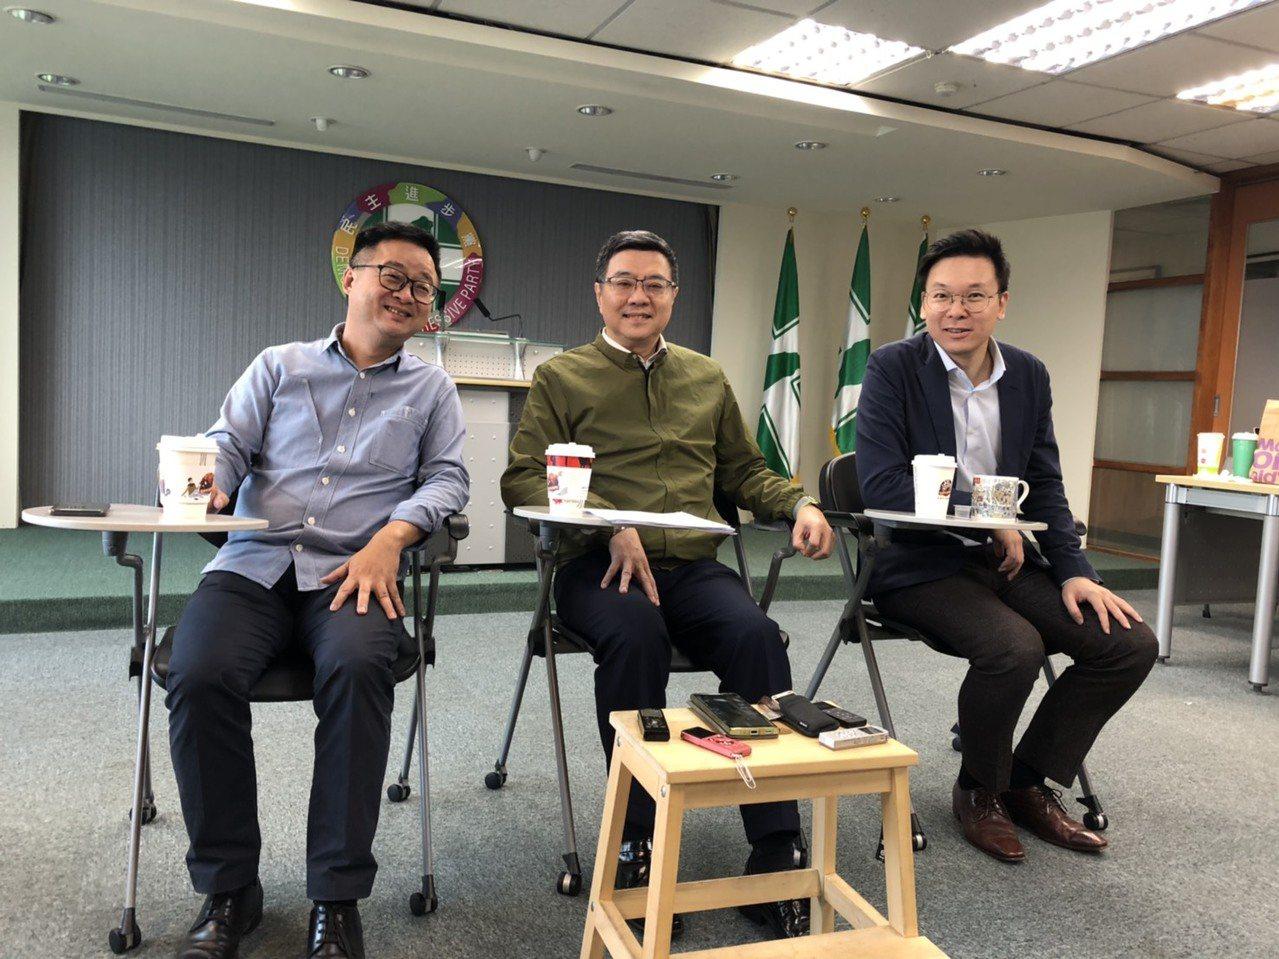 民進黨主席卓榮泰(中)、秘書長羅文嘉(左)及副秘書長林飛帆今天與媒體茶敘。記者丘...